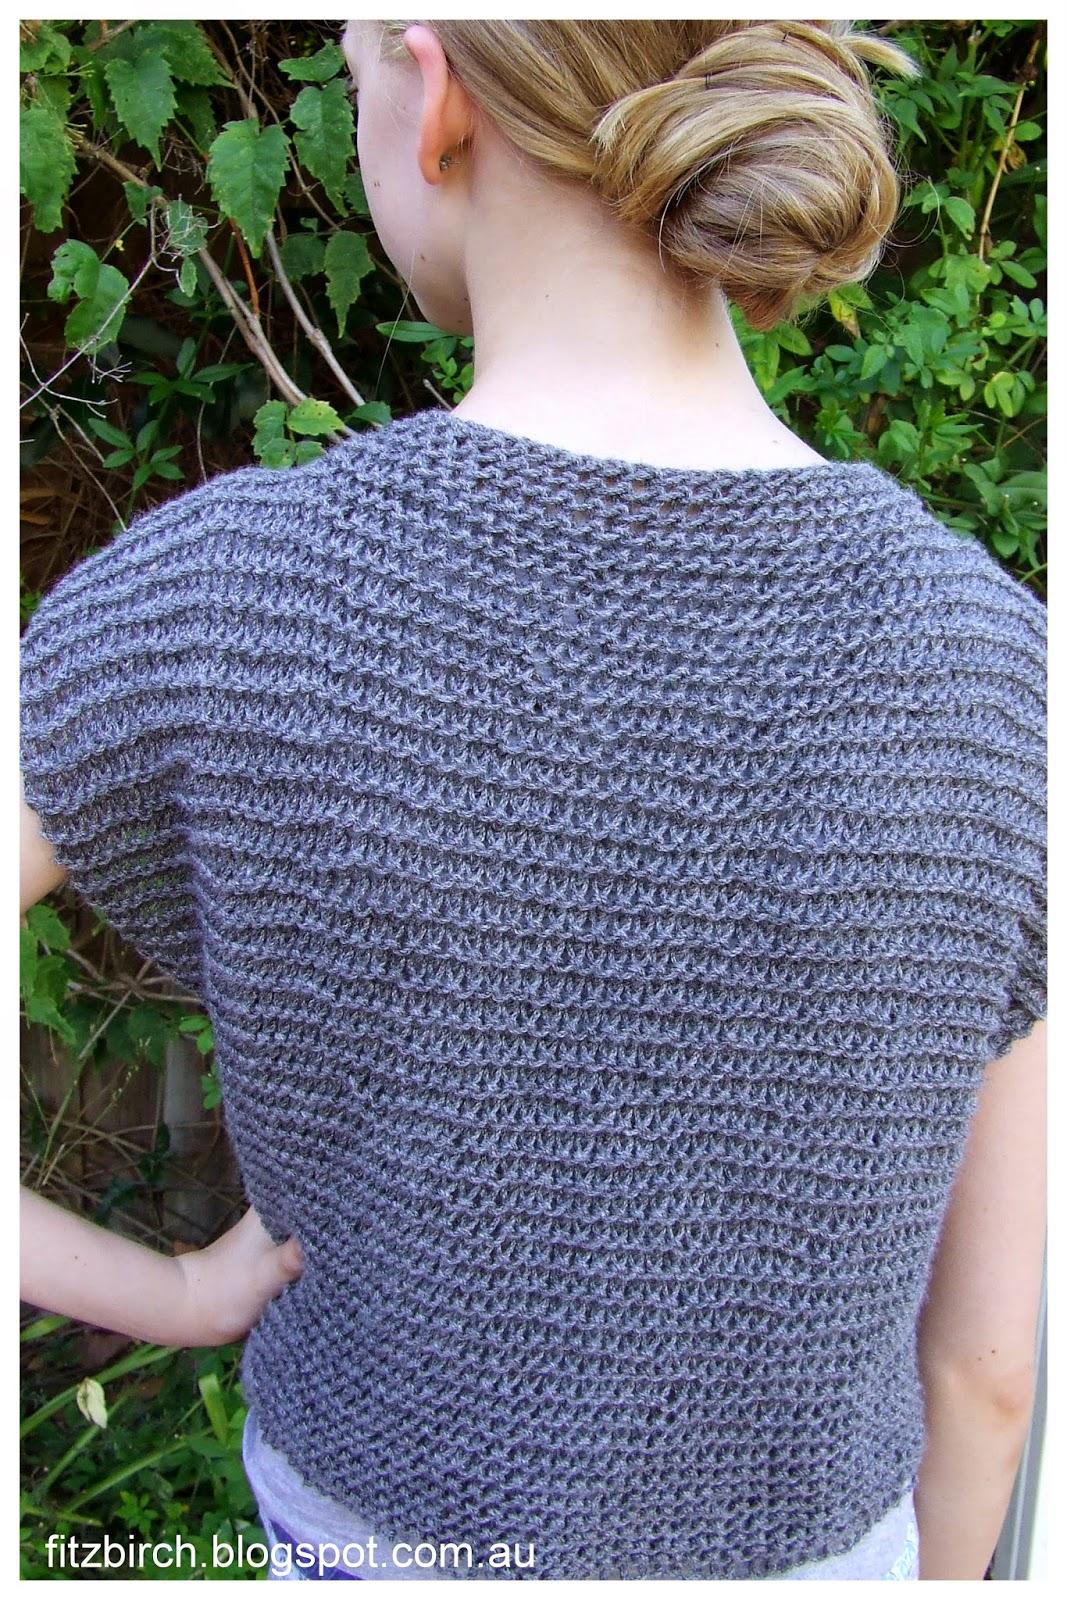 Vest Knitting Pattern Beginners : Fitzbirch crafts garter stitch beginner vest